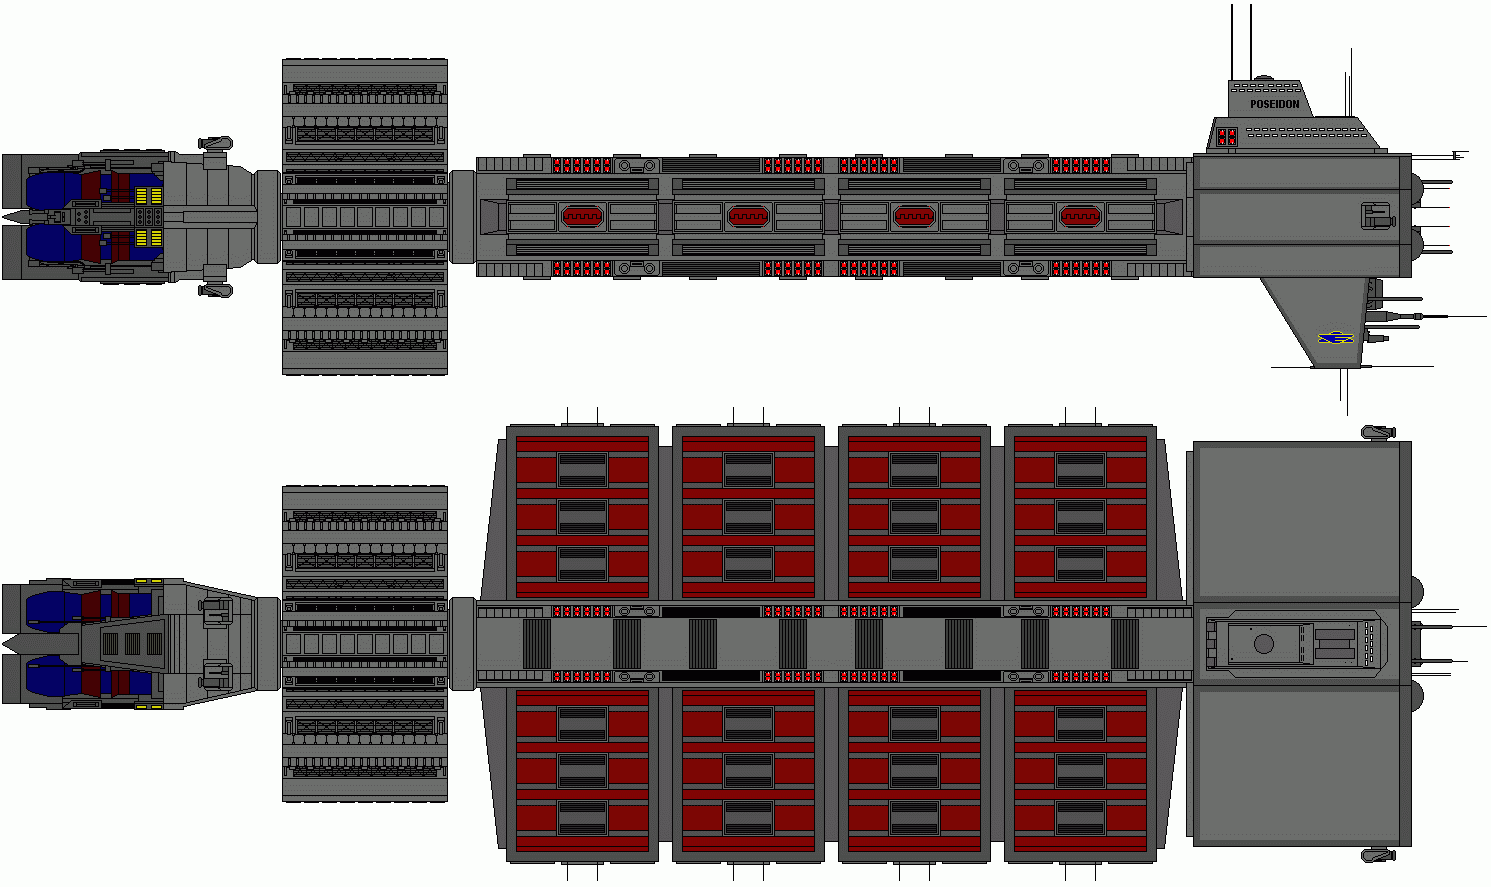 Poseidon-class Super Carrier